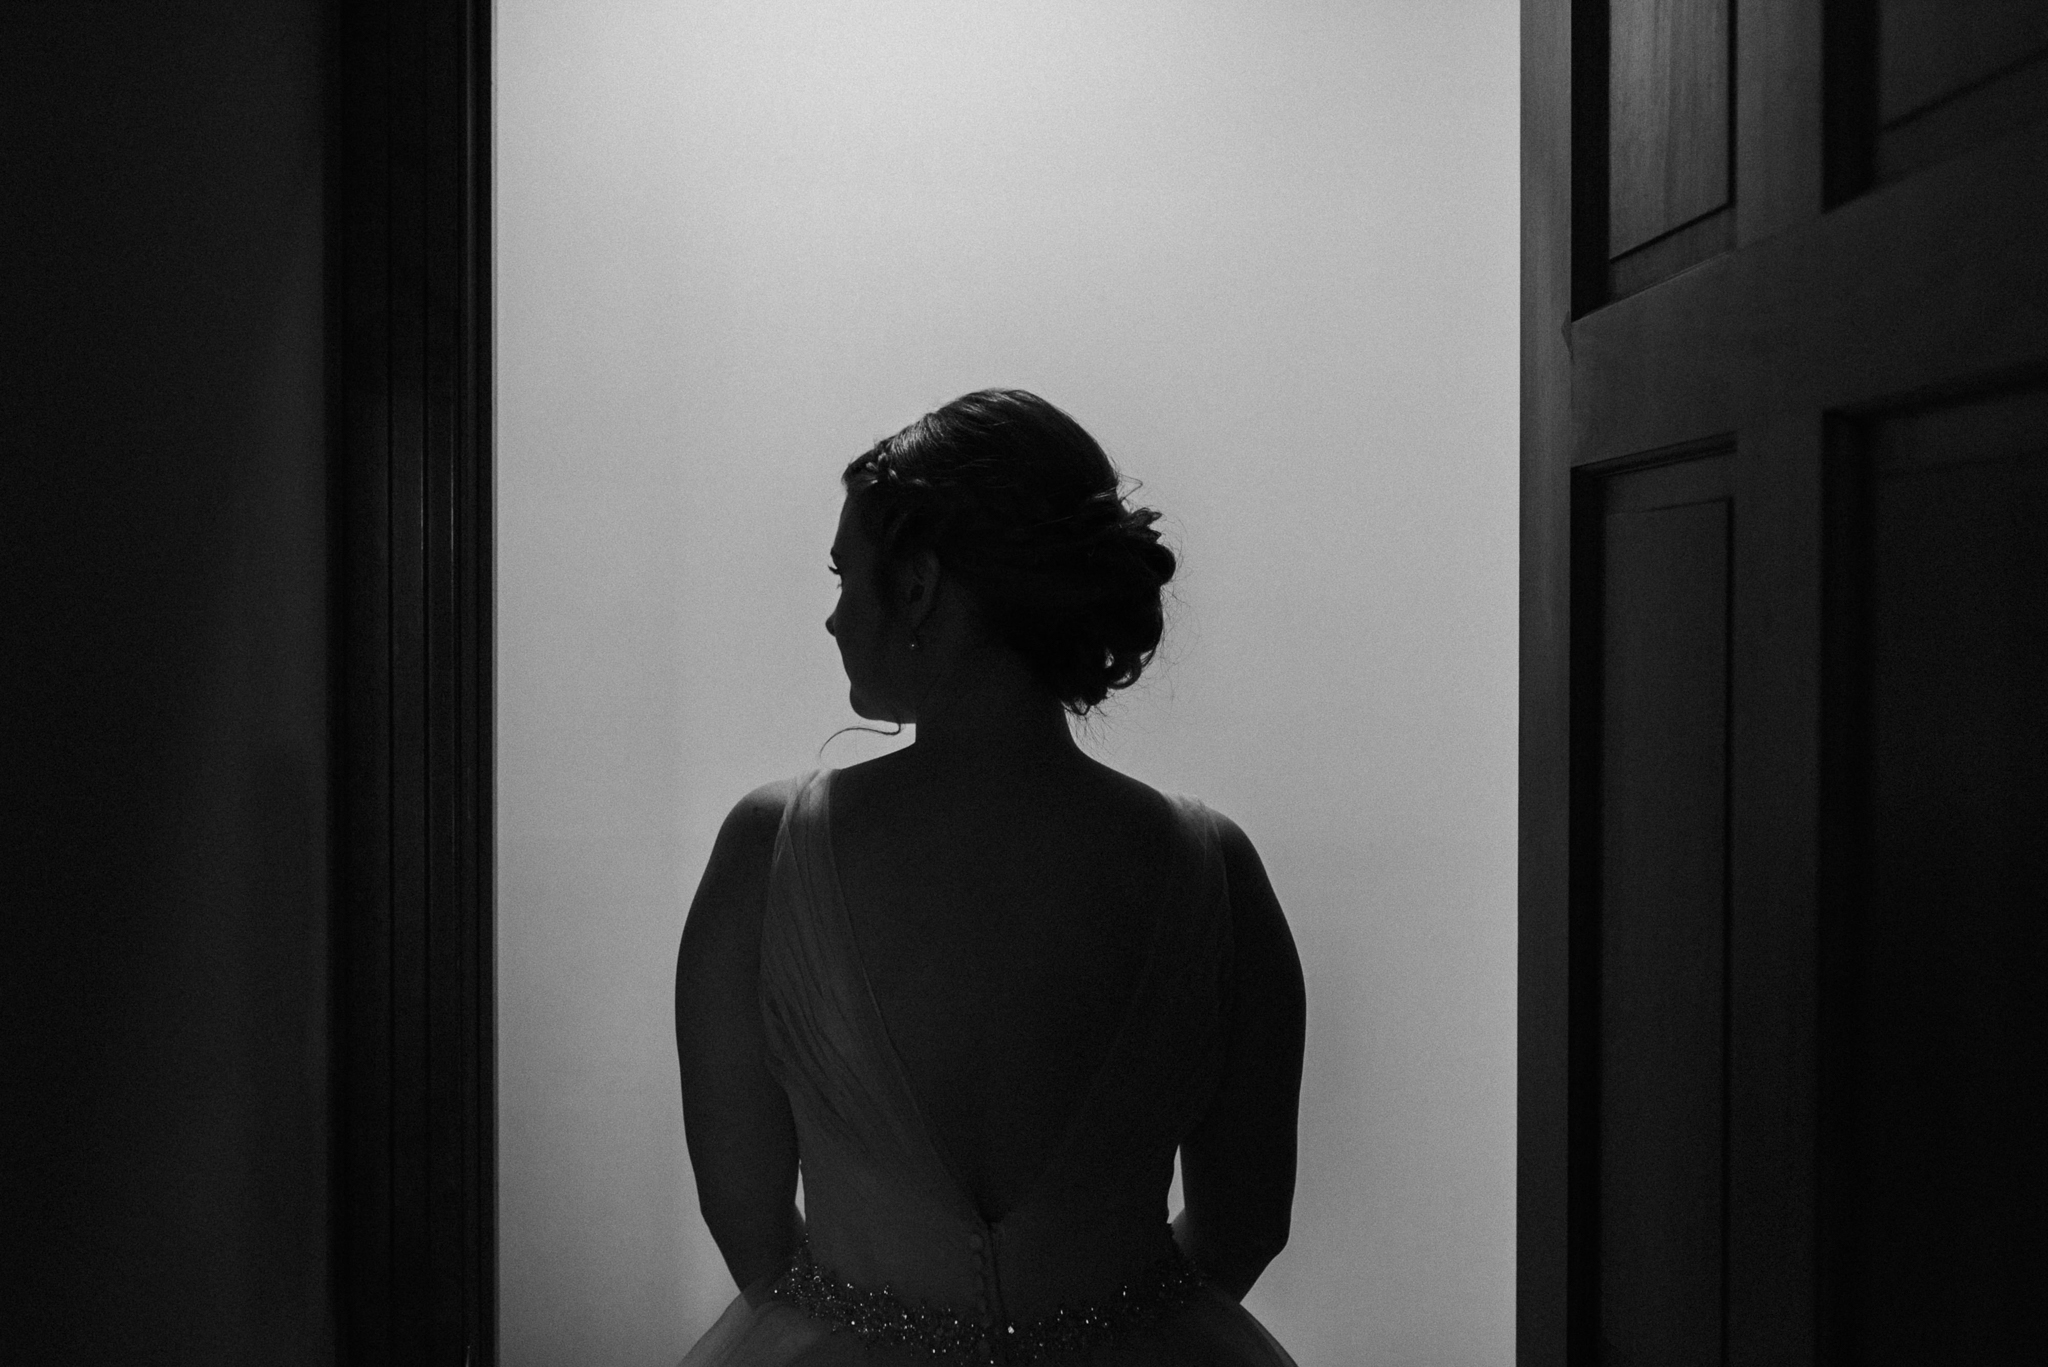 Texas Wedding Photographer-Palo Duro Canyon Sam Sex Wedding- Houston Wedding Photographer -Kristen Giles Photography-11.jpg